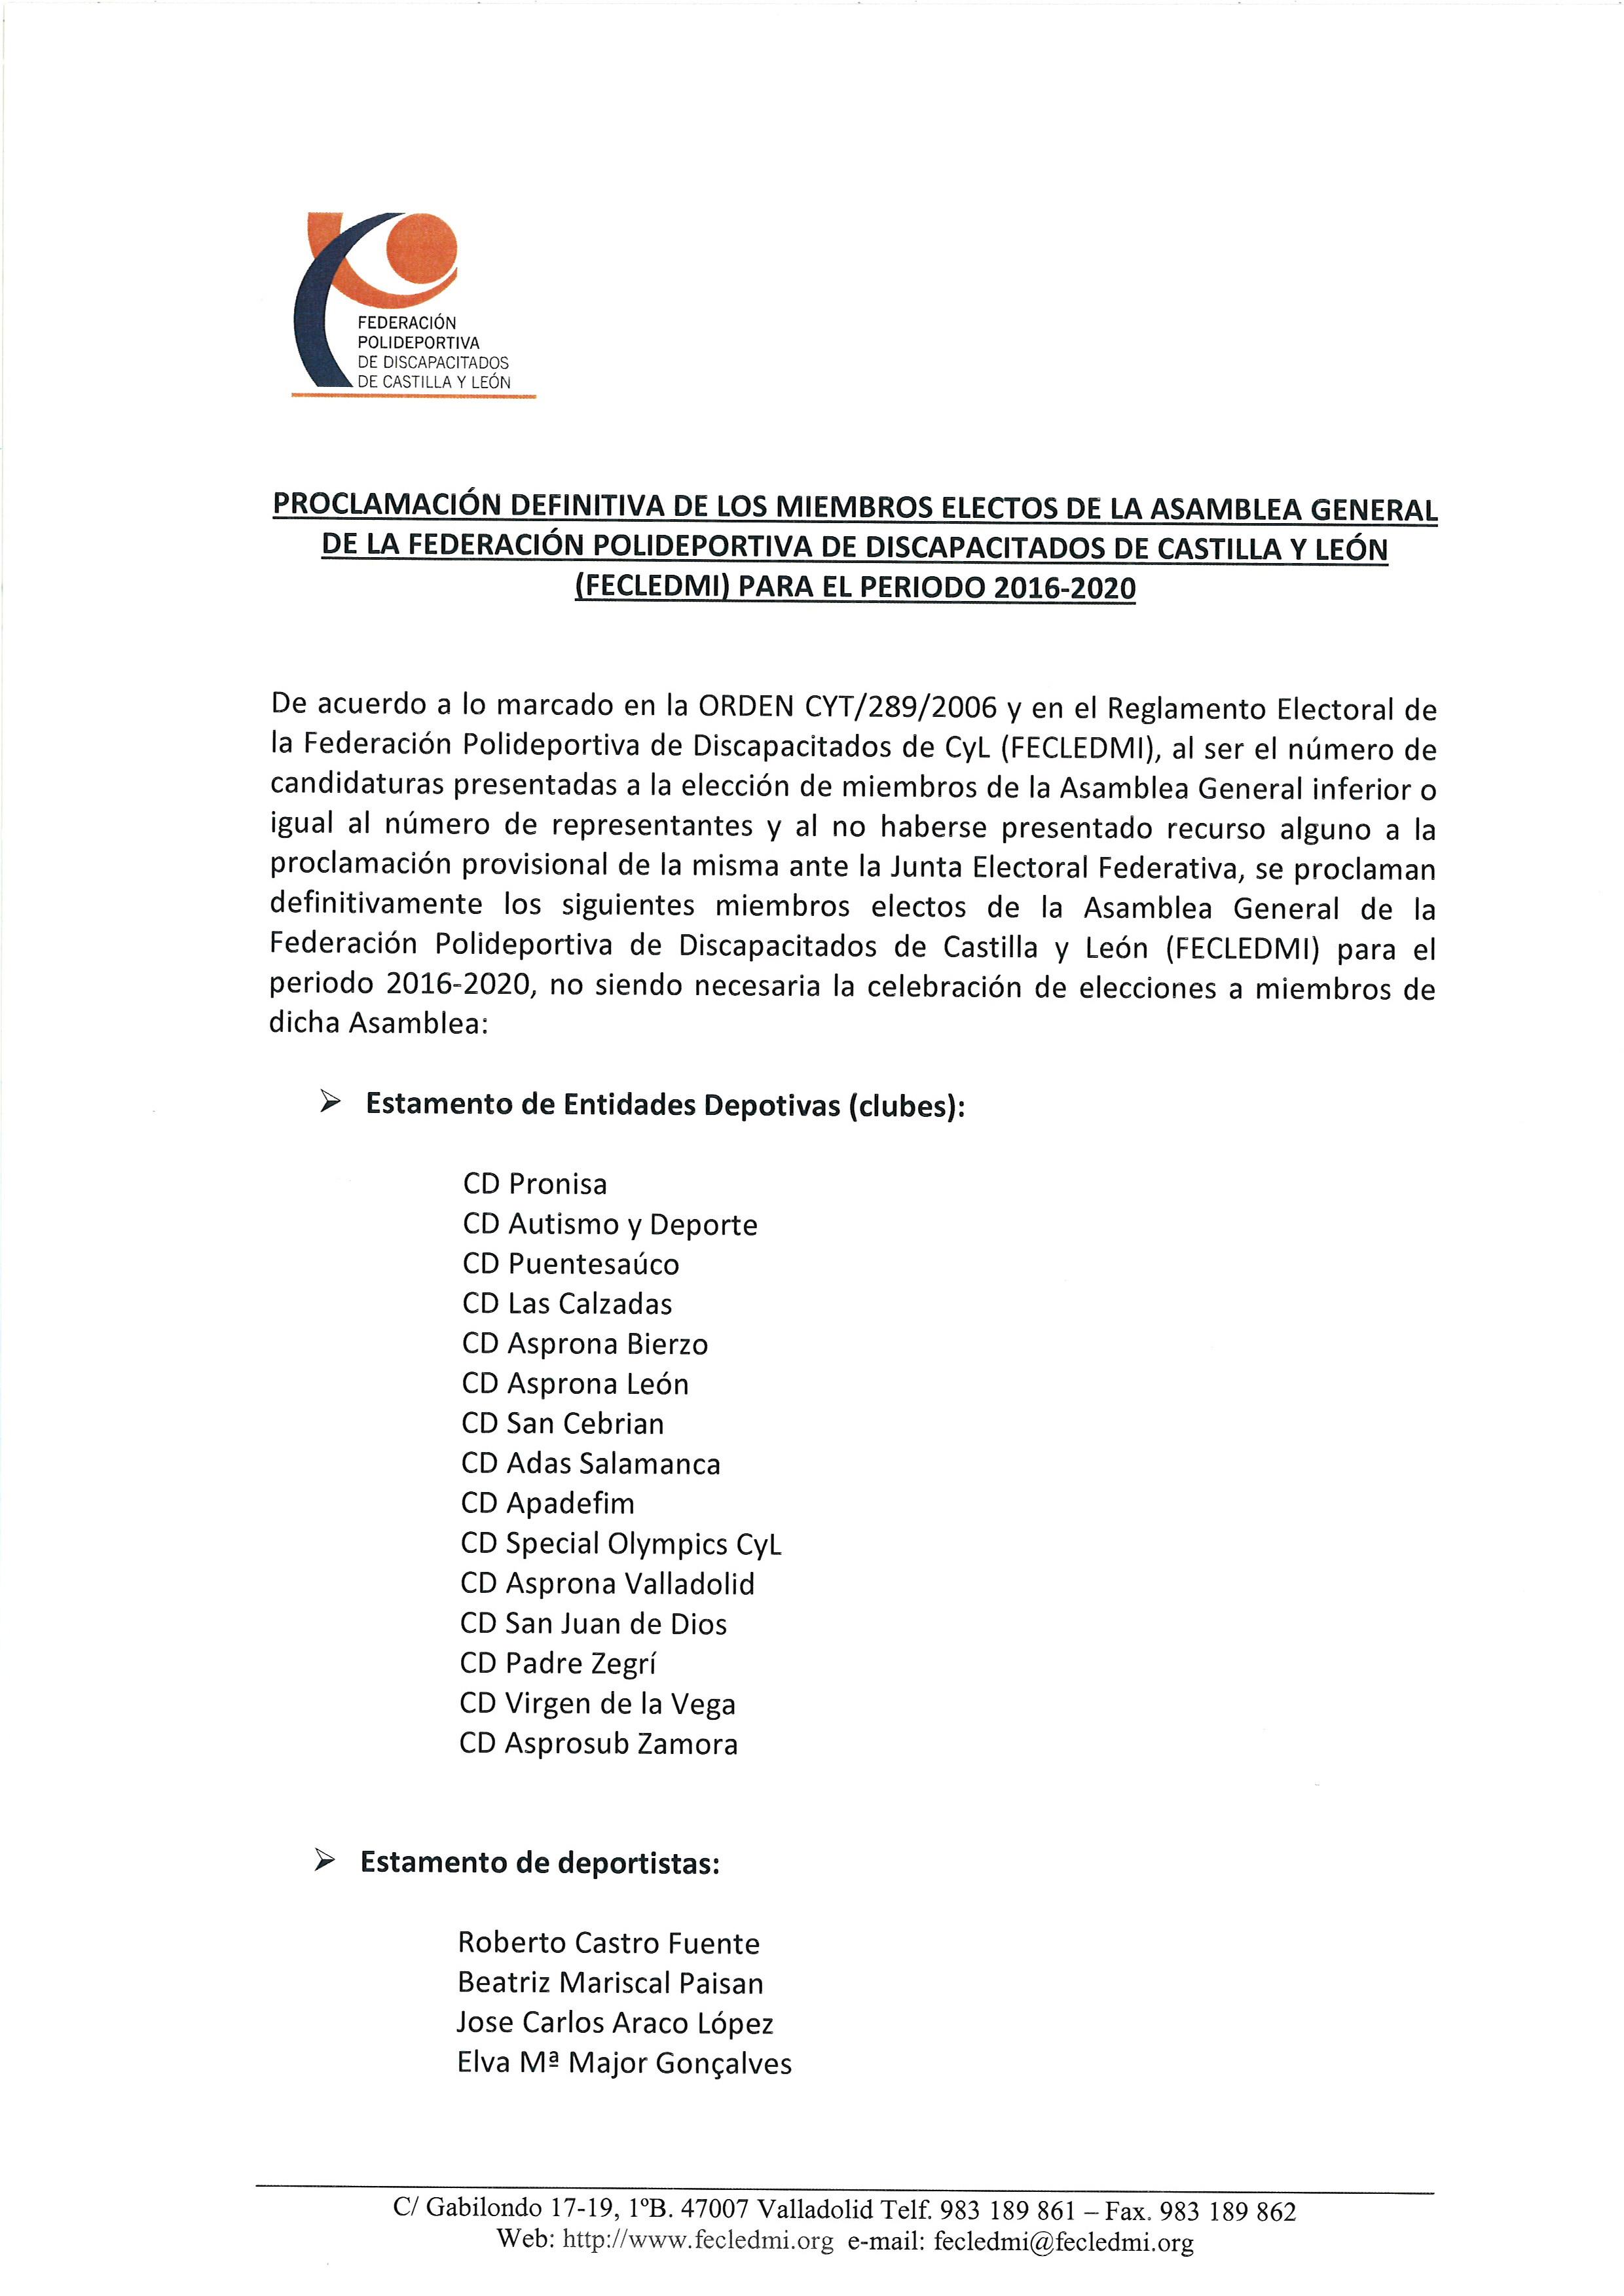 17 Proclamacion Definitiva Miembros Electos